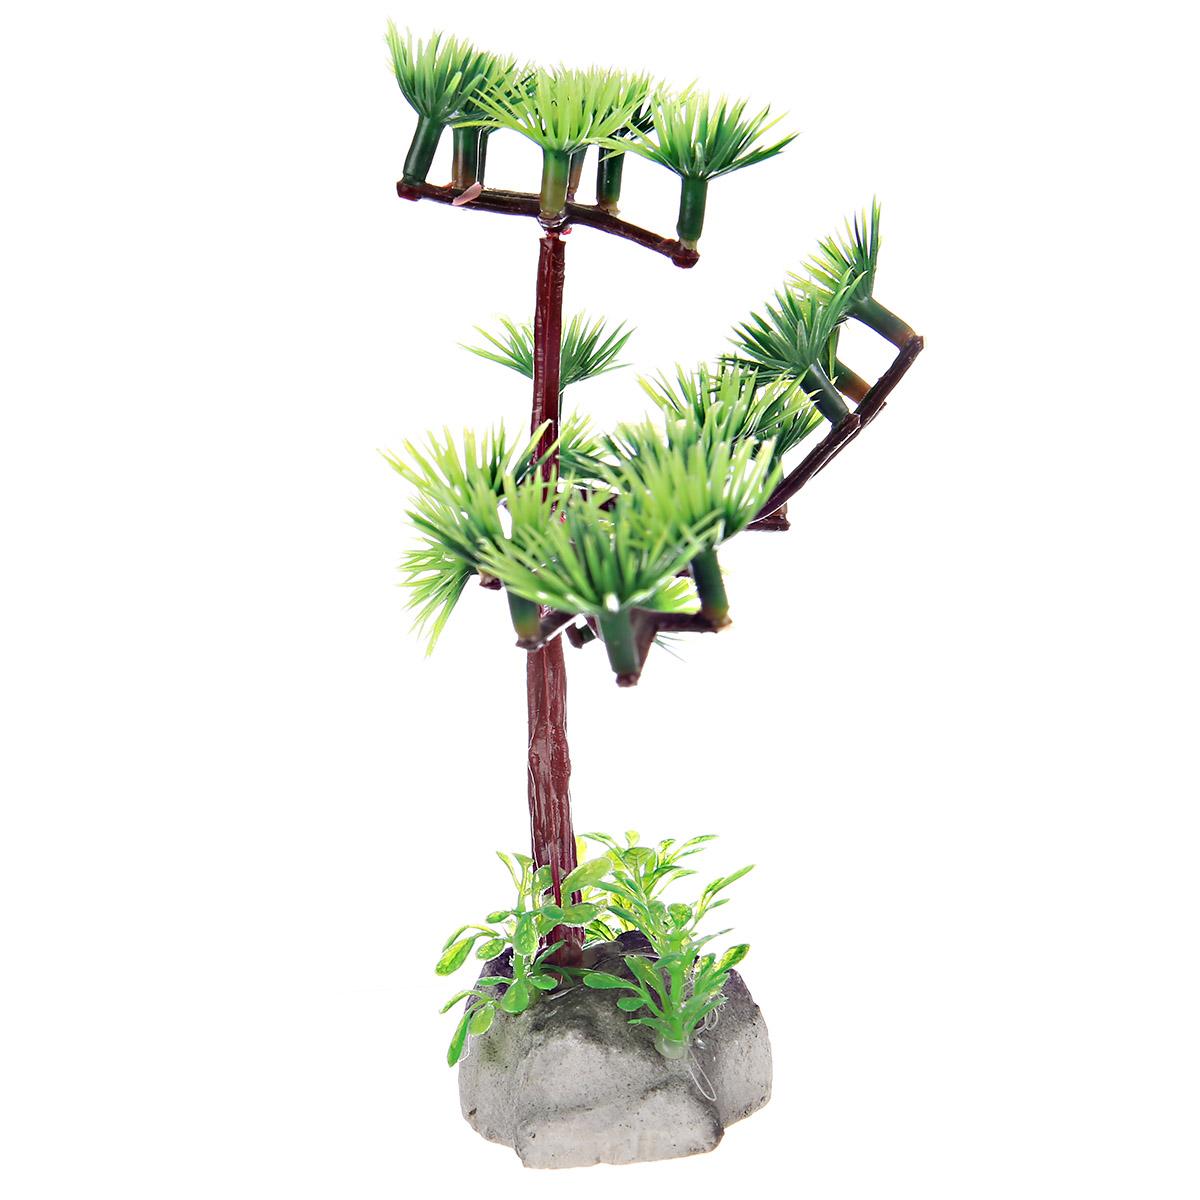 像松树一样的水草